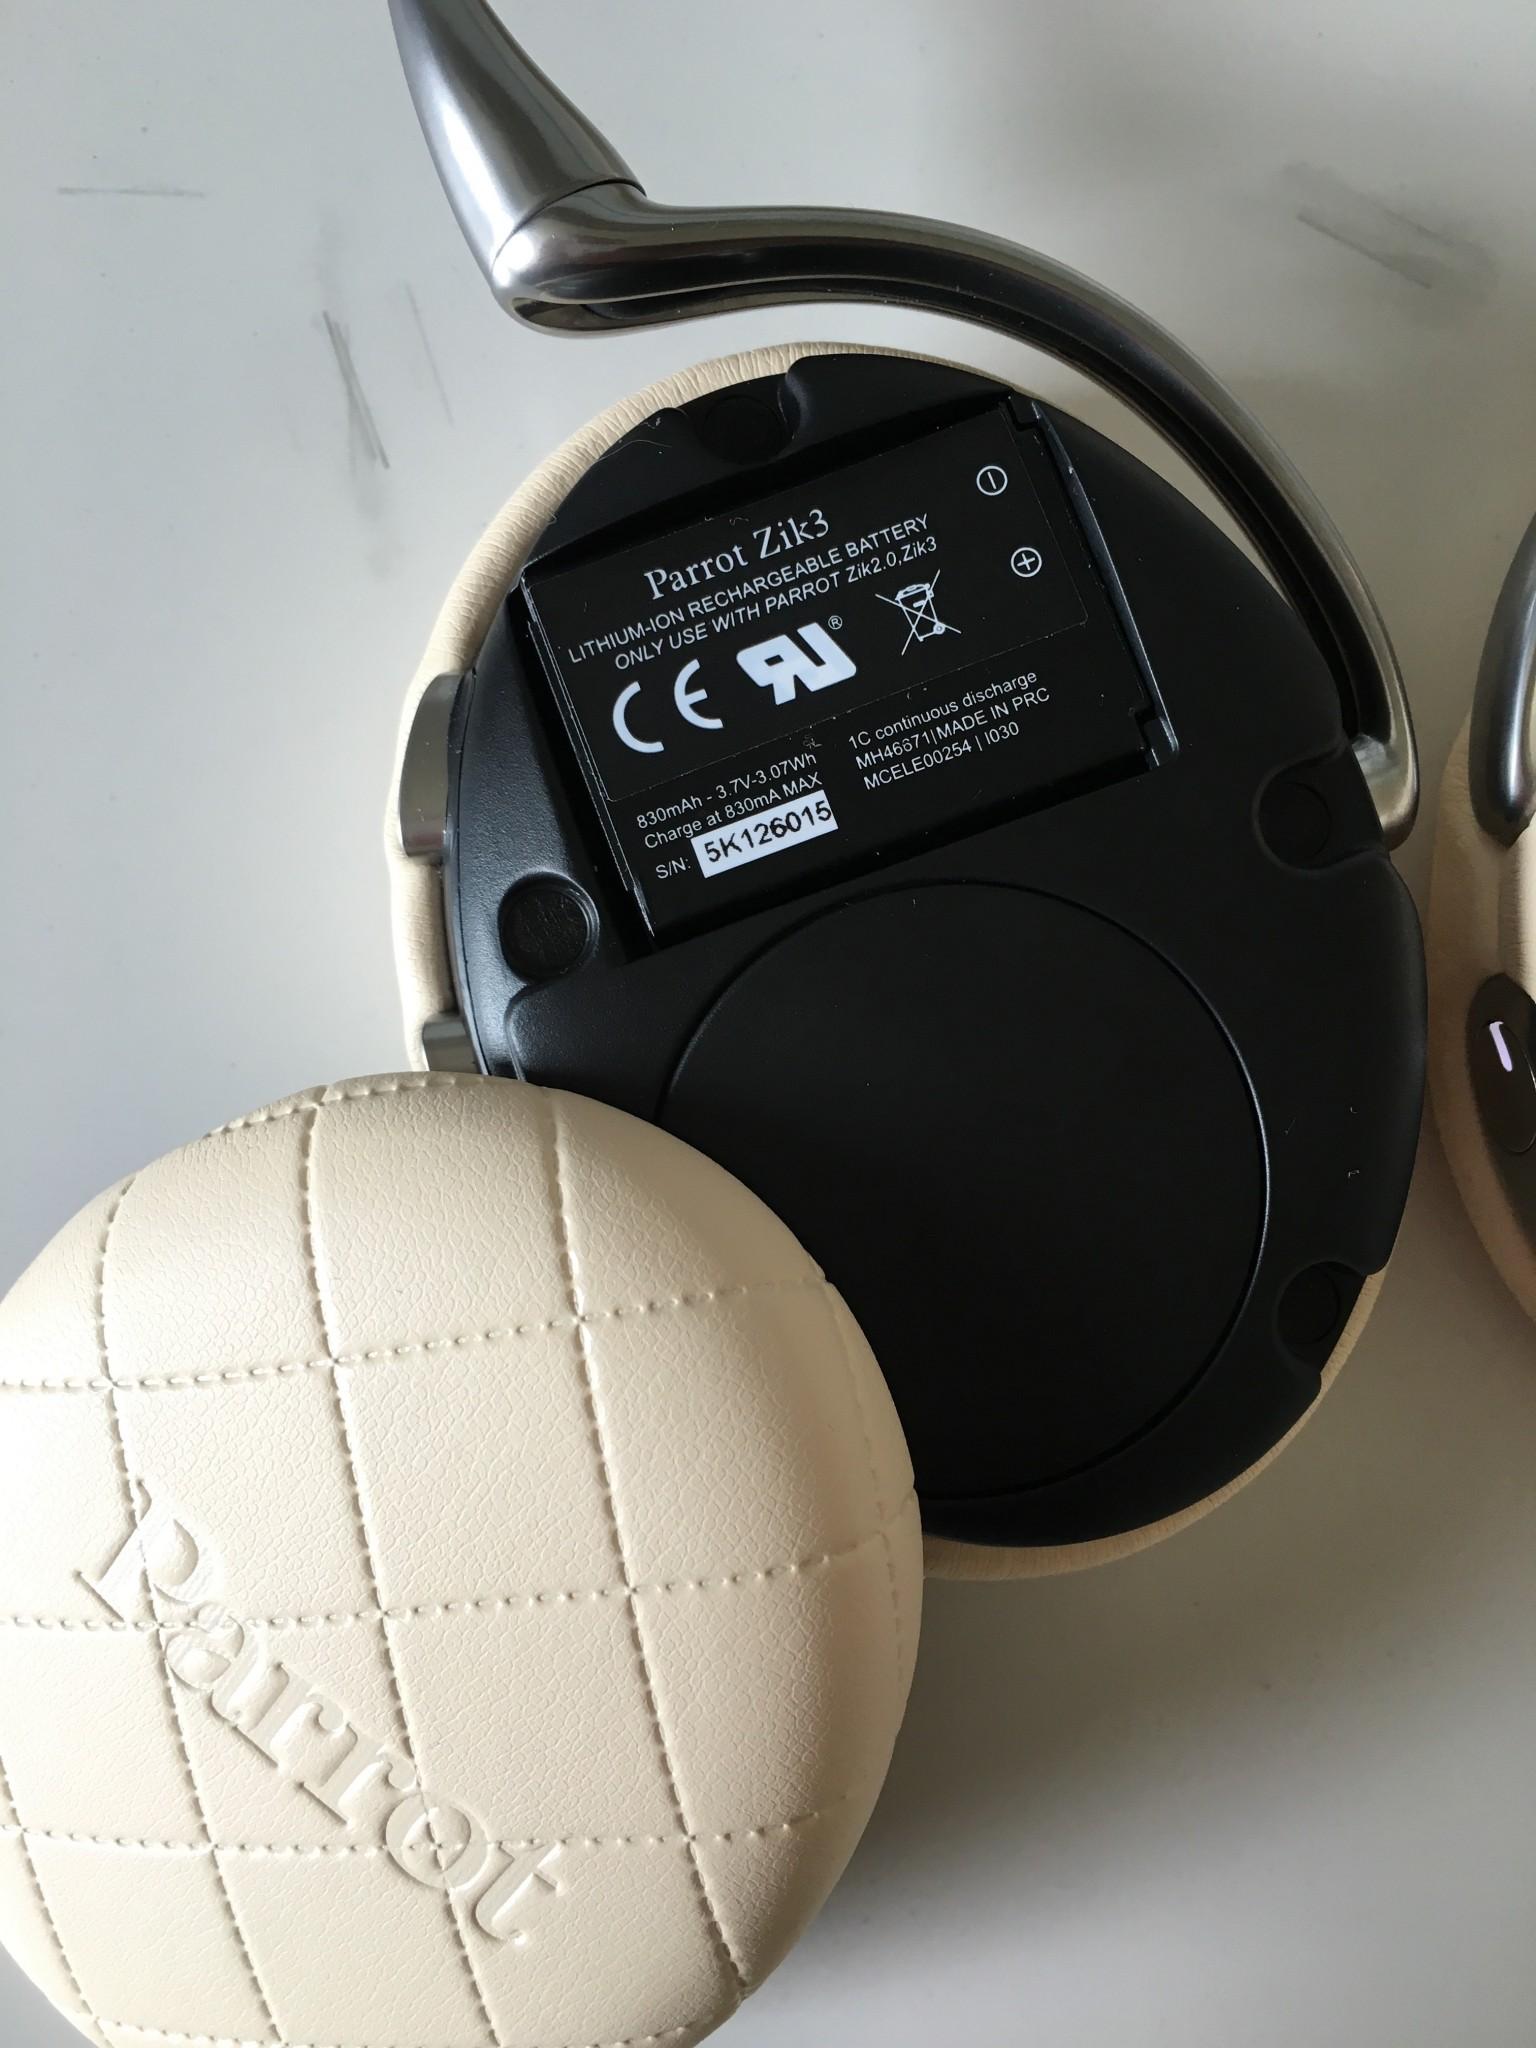 test du casque sans fil zik 3 0 de parrot. Black Bedroom Furniture Sets. Home Design Ideas